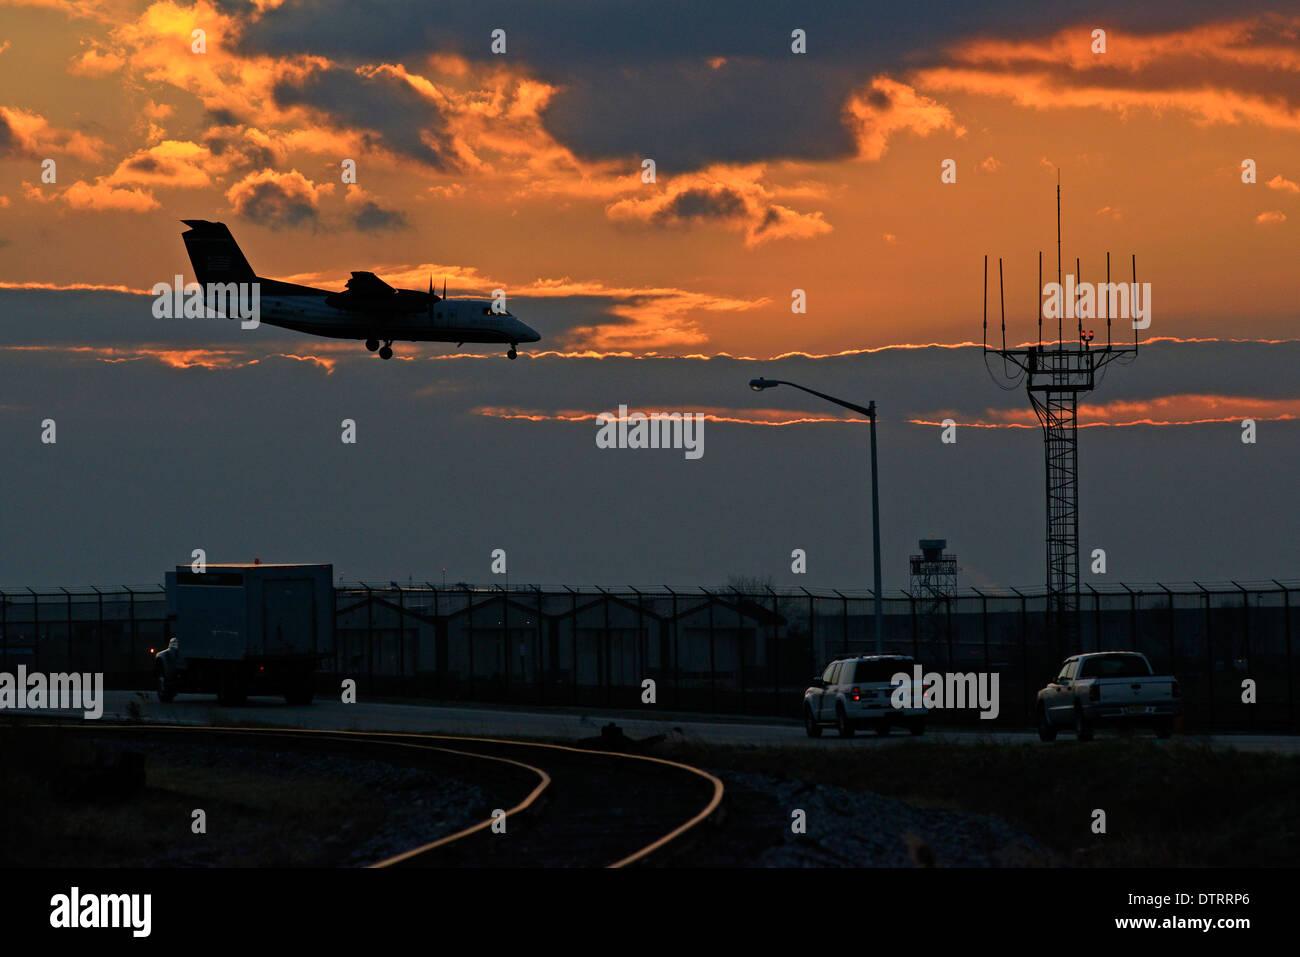 Il viaggio in aereo all'Aeroporto Internazionale di Filadelfia in Philadelphia, Pennsylvania. Immagini Stock